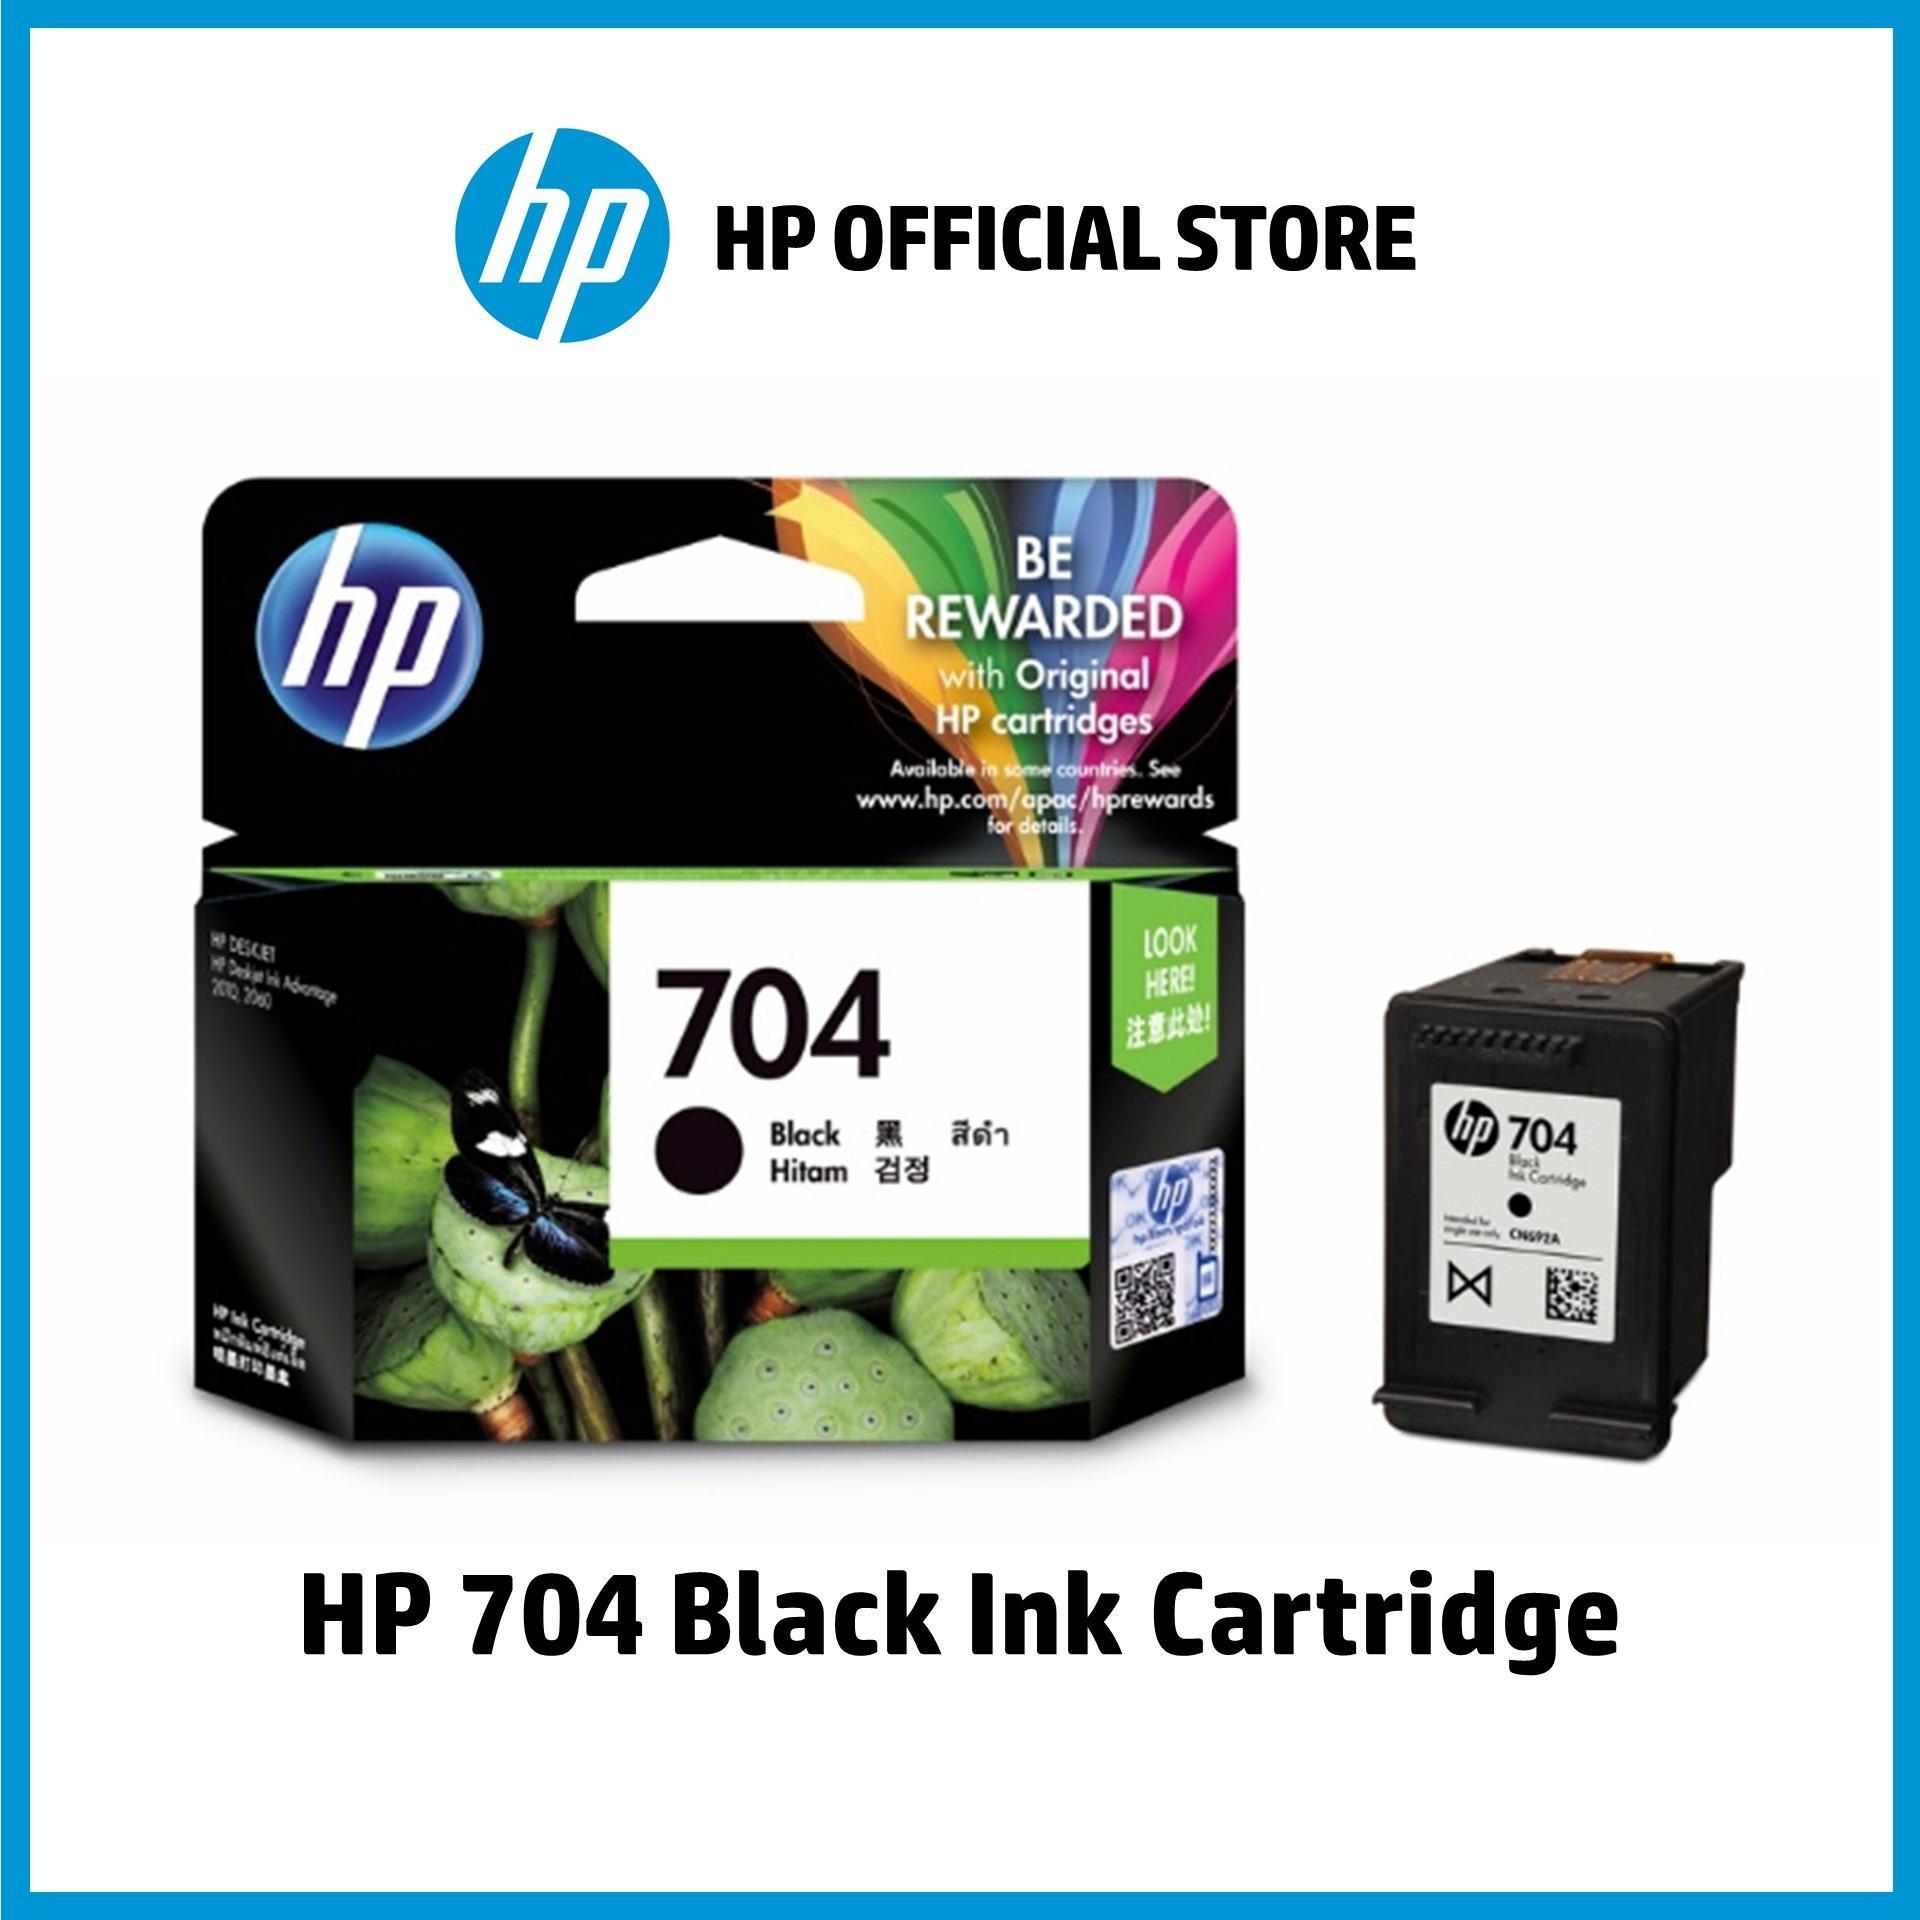 HP 704 Black Ink Cartridge